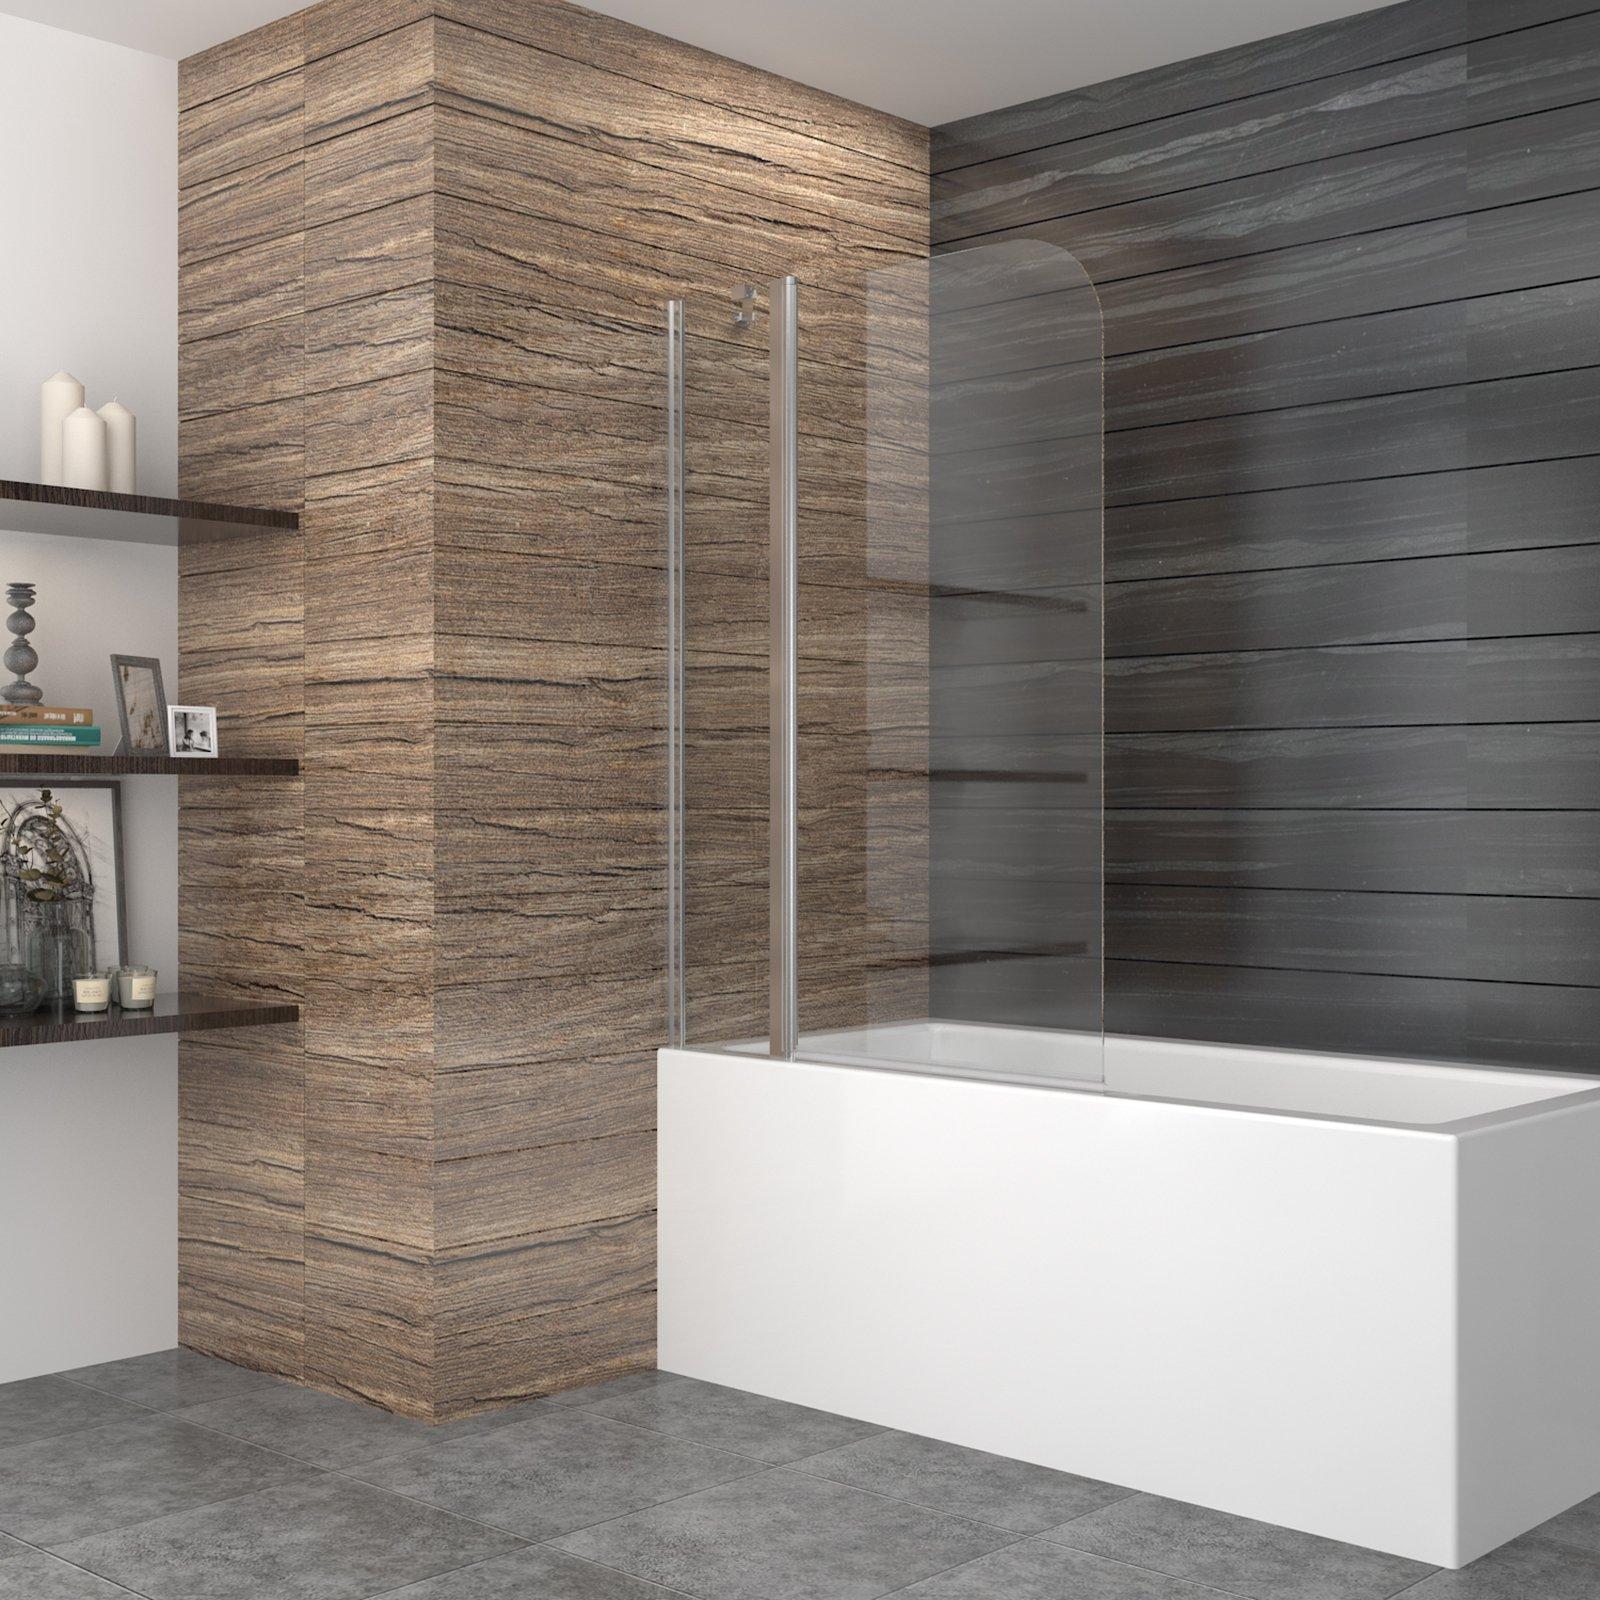 99 * 140 cm – Mampara Mampara de bañera ducha pared bañera plegable pared de 2 piezas Cristal ducha orientable 180 grados: Amazon.es: Hogar